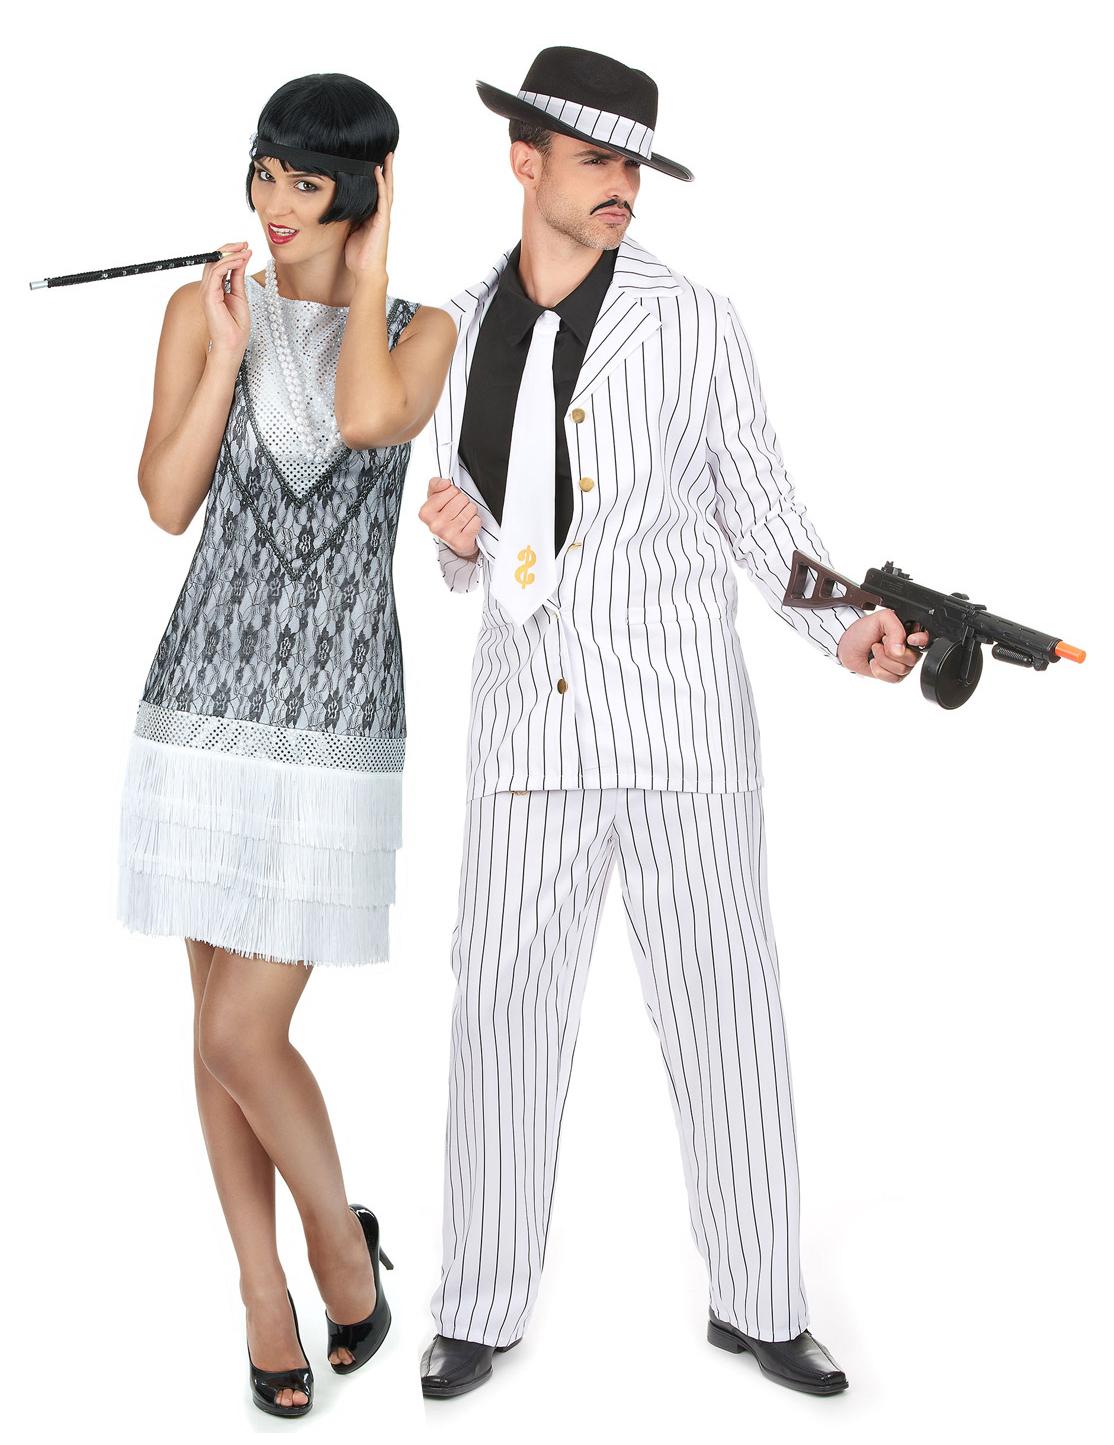 Favorito Costume di coppia charleston bianco: Costumi coppia,e vestiti di  JP61